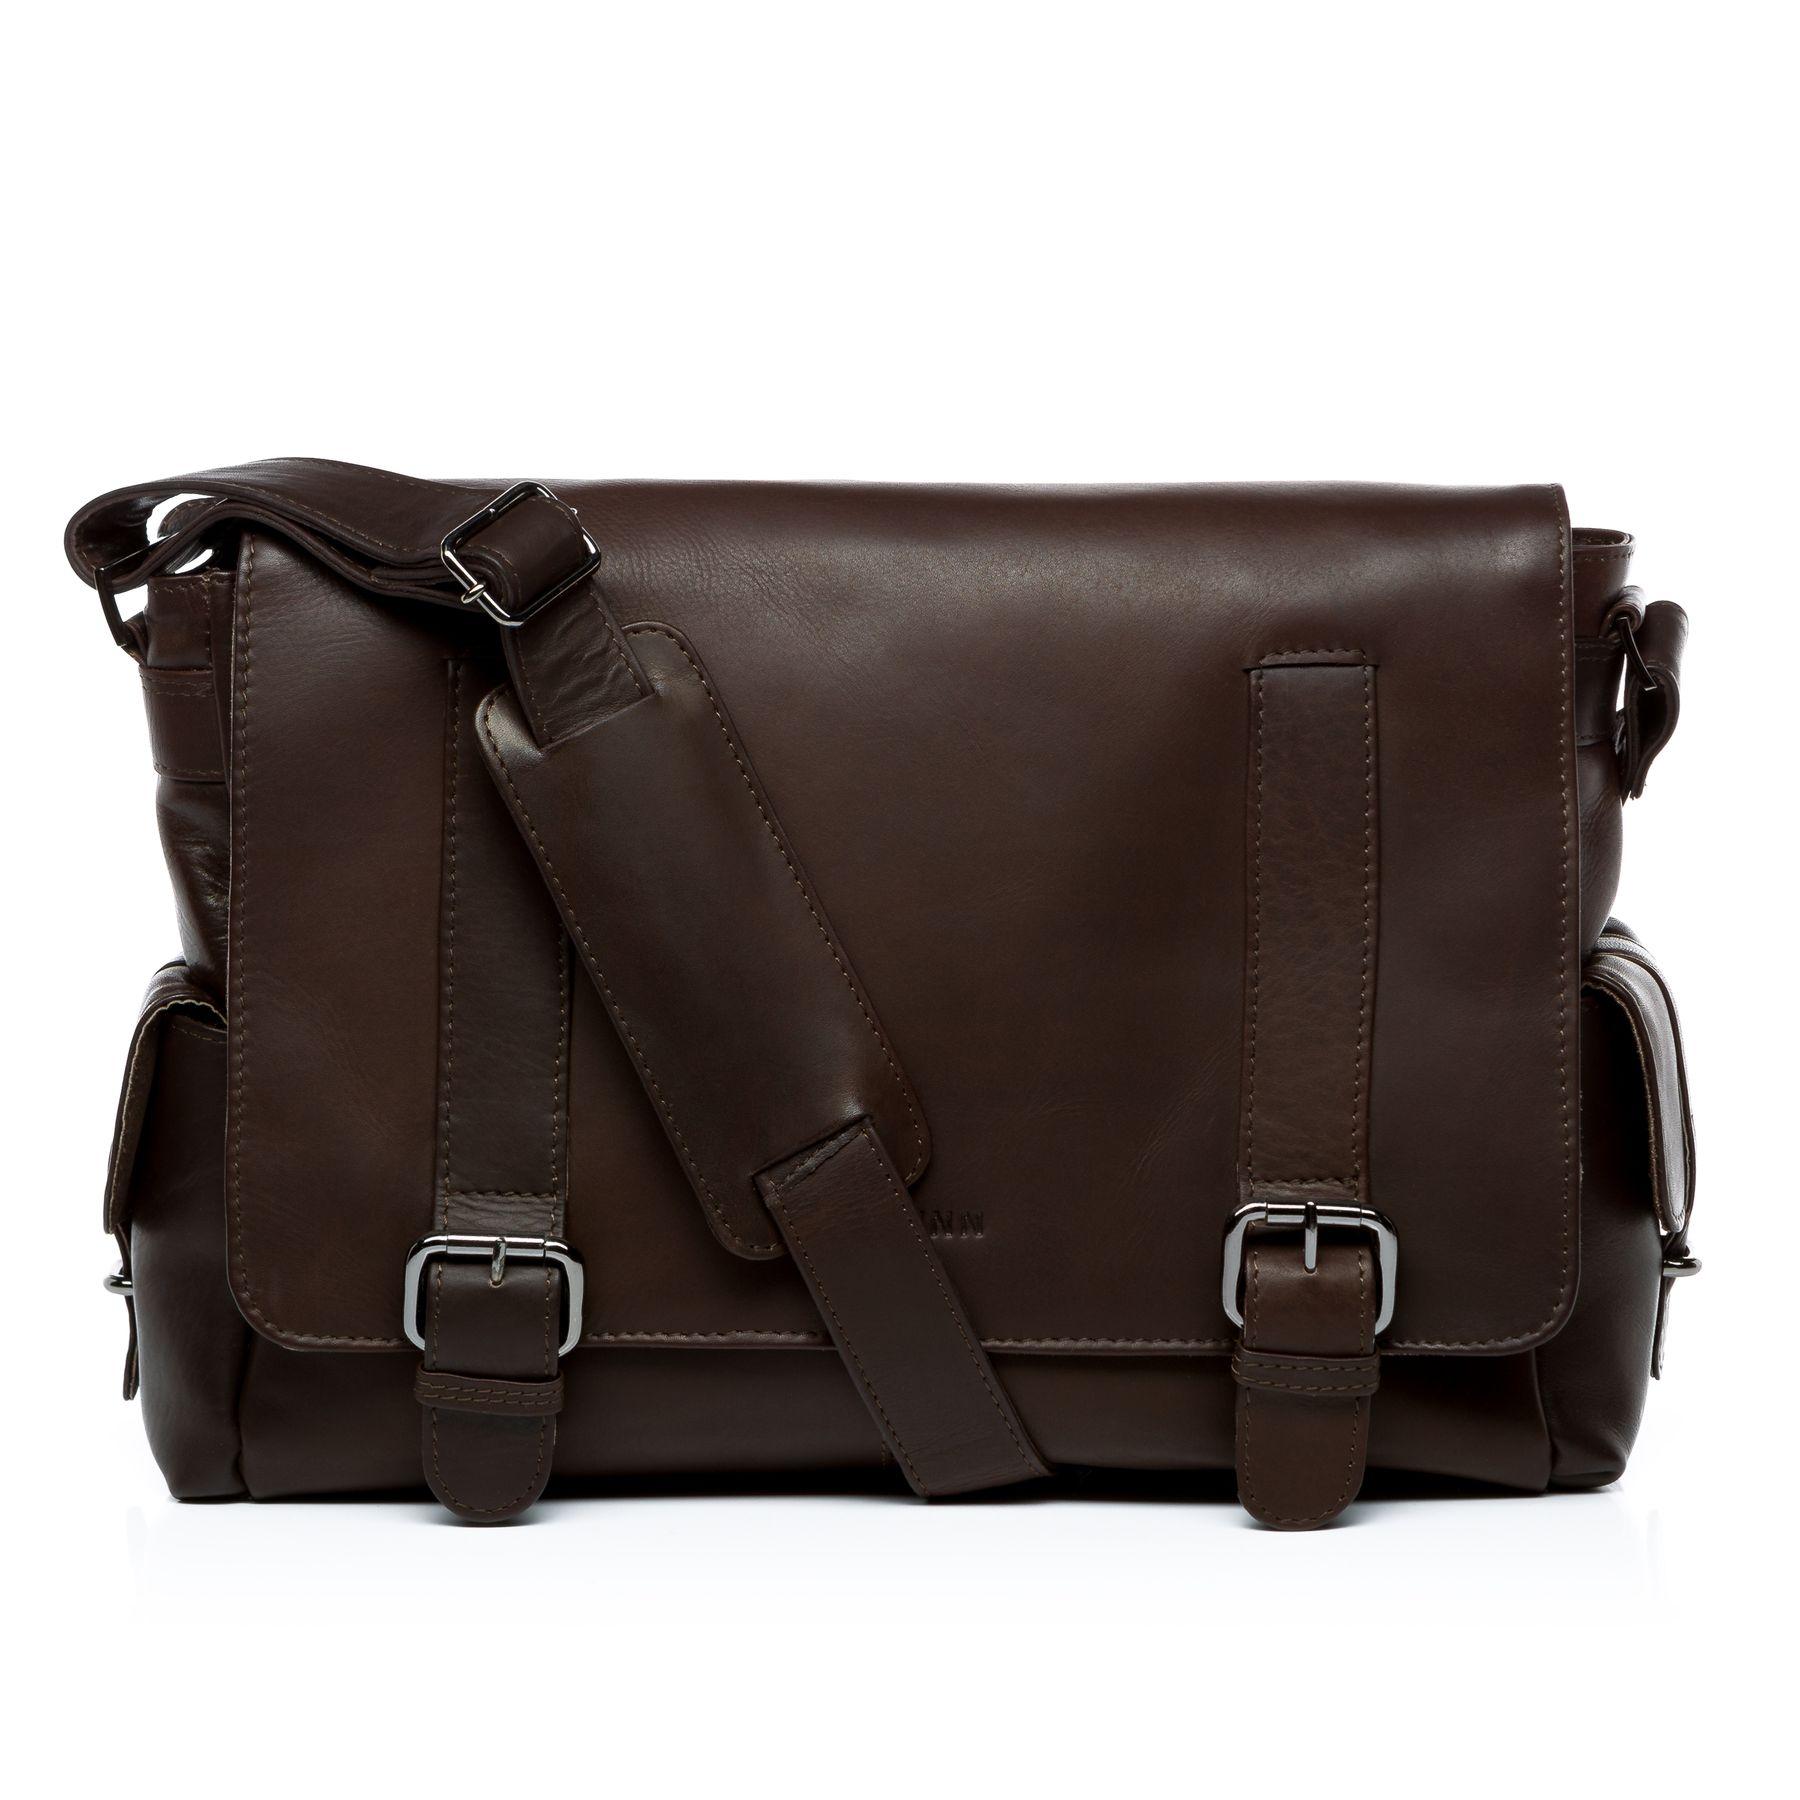 38f9f098b FEYNSINN shoulder bag ASHTON - M - brown courier cross-body bag - premium  handmade genuine leather messenger bag men Business